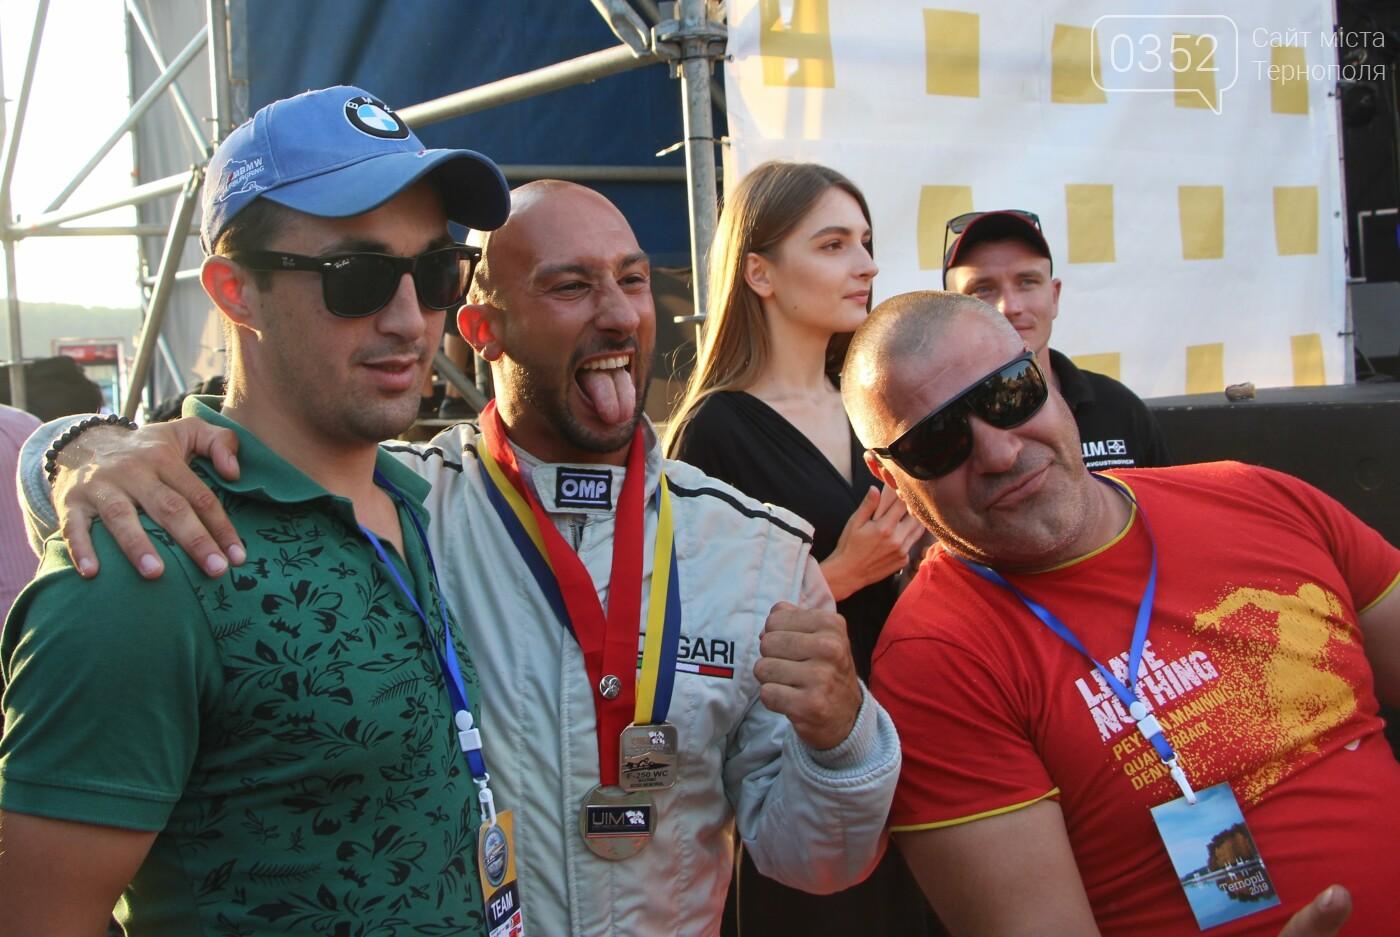 За підтримки Креатор-Буд у Тернополі відбувся Чемпіонат світу з водно-моторного спорту, фото-5